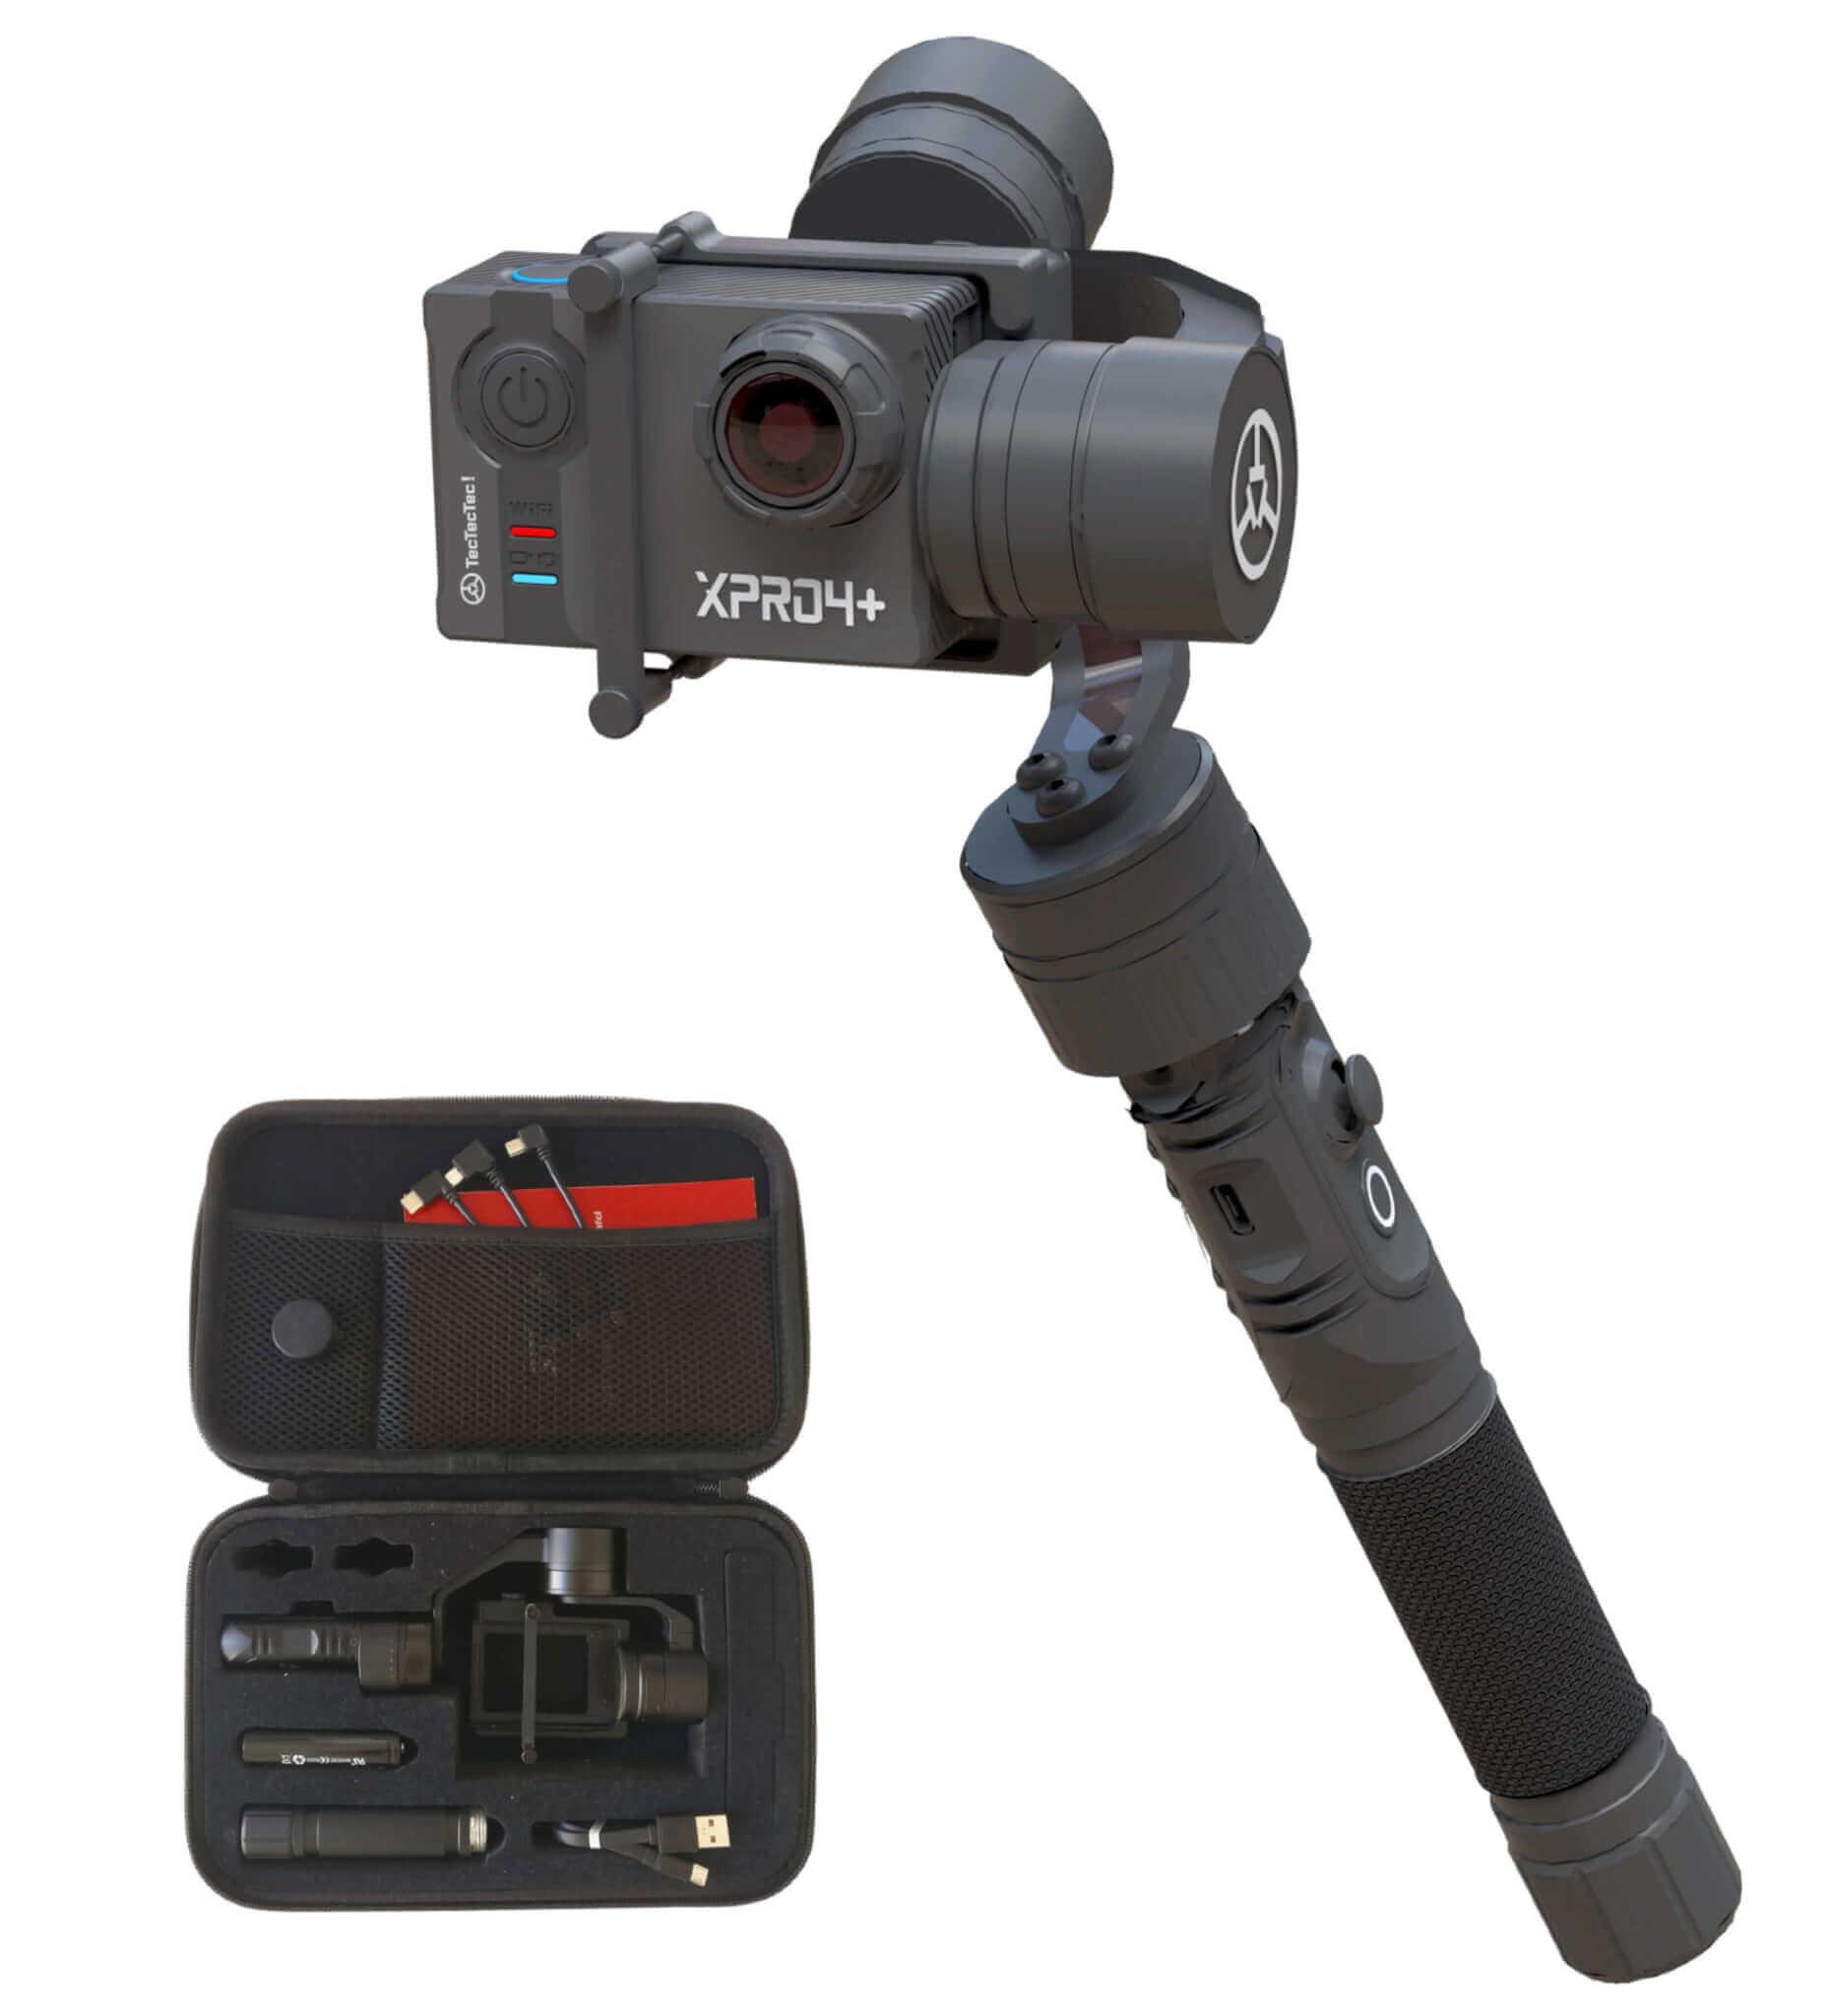 Meilleur Stabilisateur pour caméras d'action TecTecTec XPRO, GoPro Hero, PNJ, Yi, SJ Cam